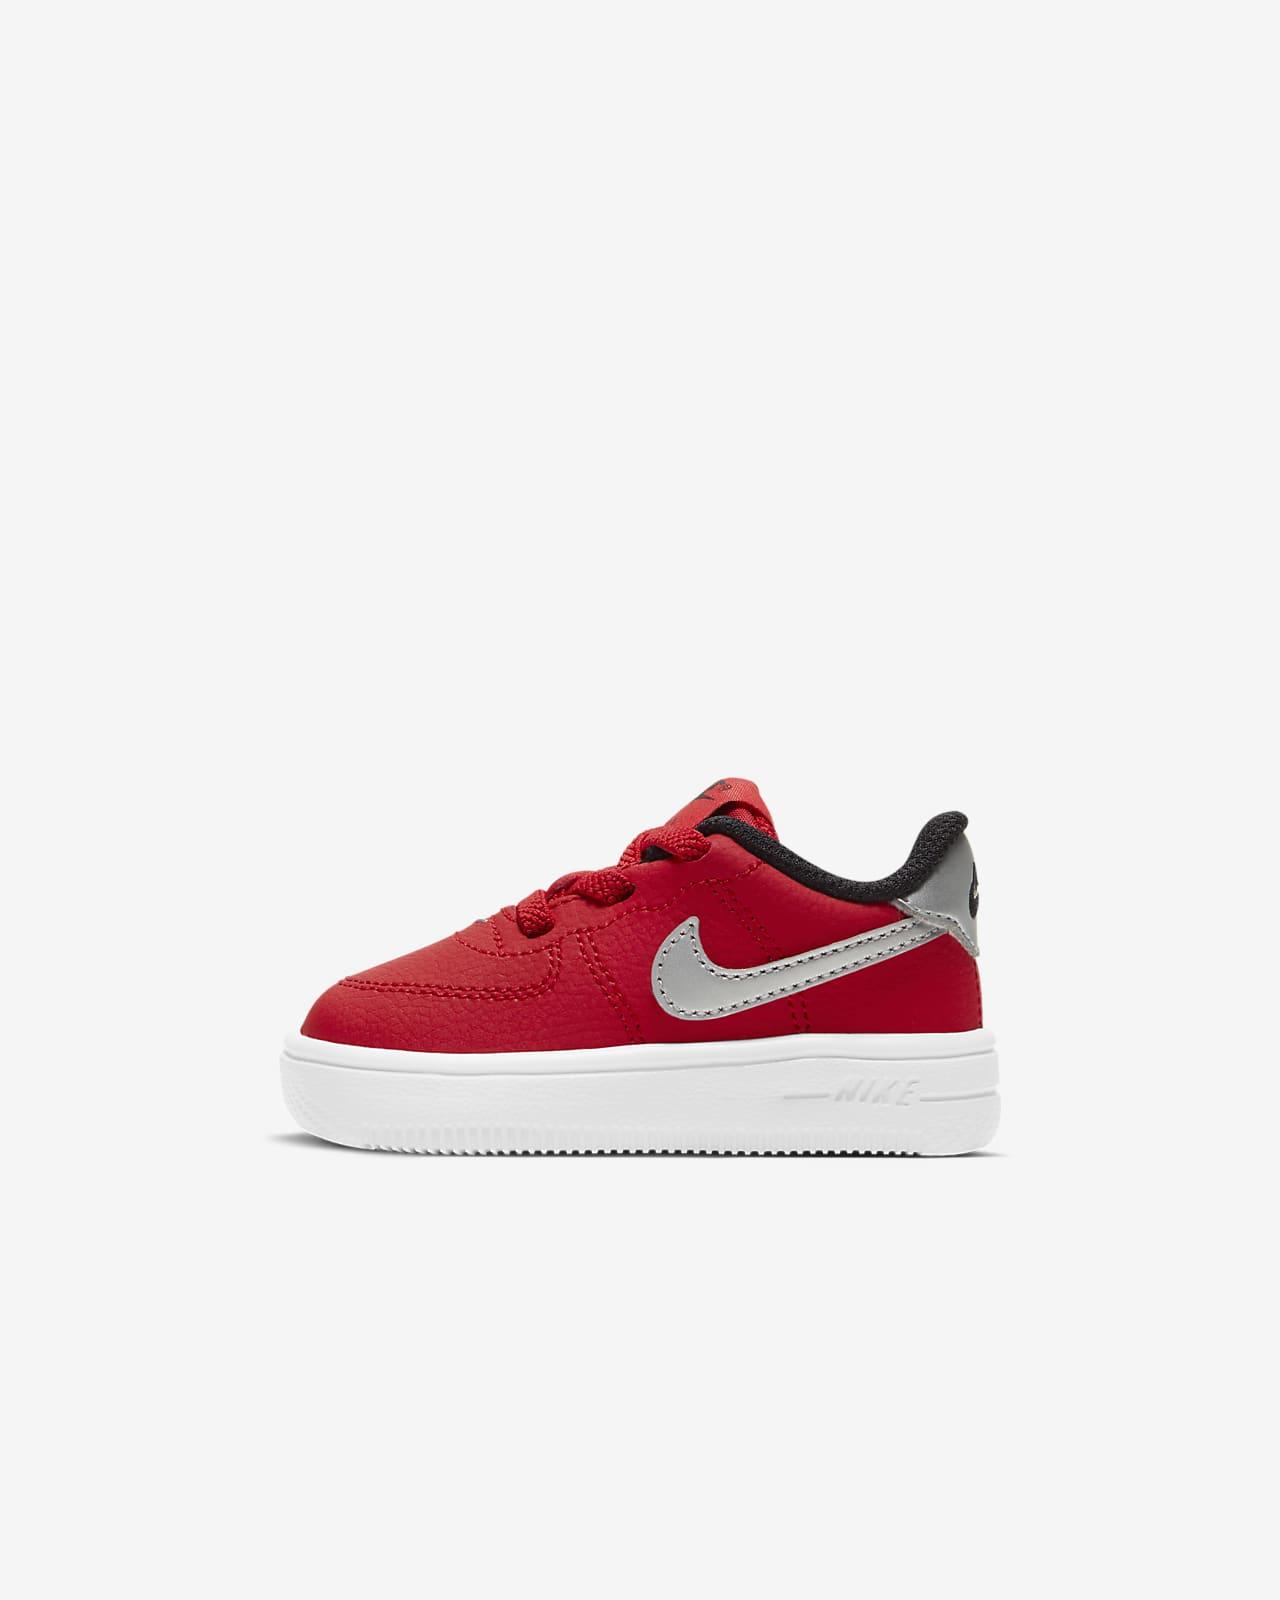 รองเท้าทารก/เด็กวัยหัดเดิน Nike Force 1 '18